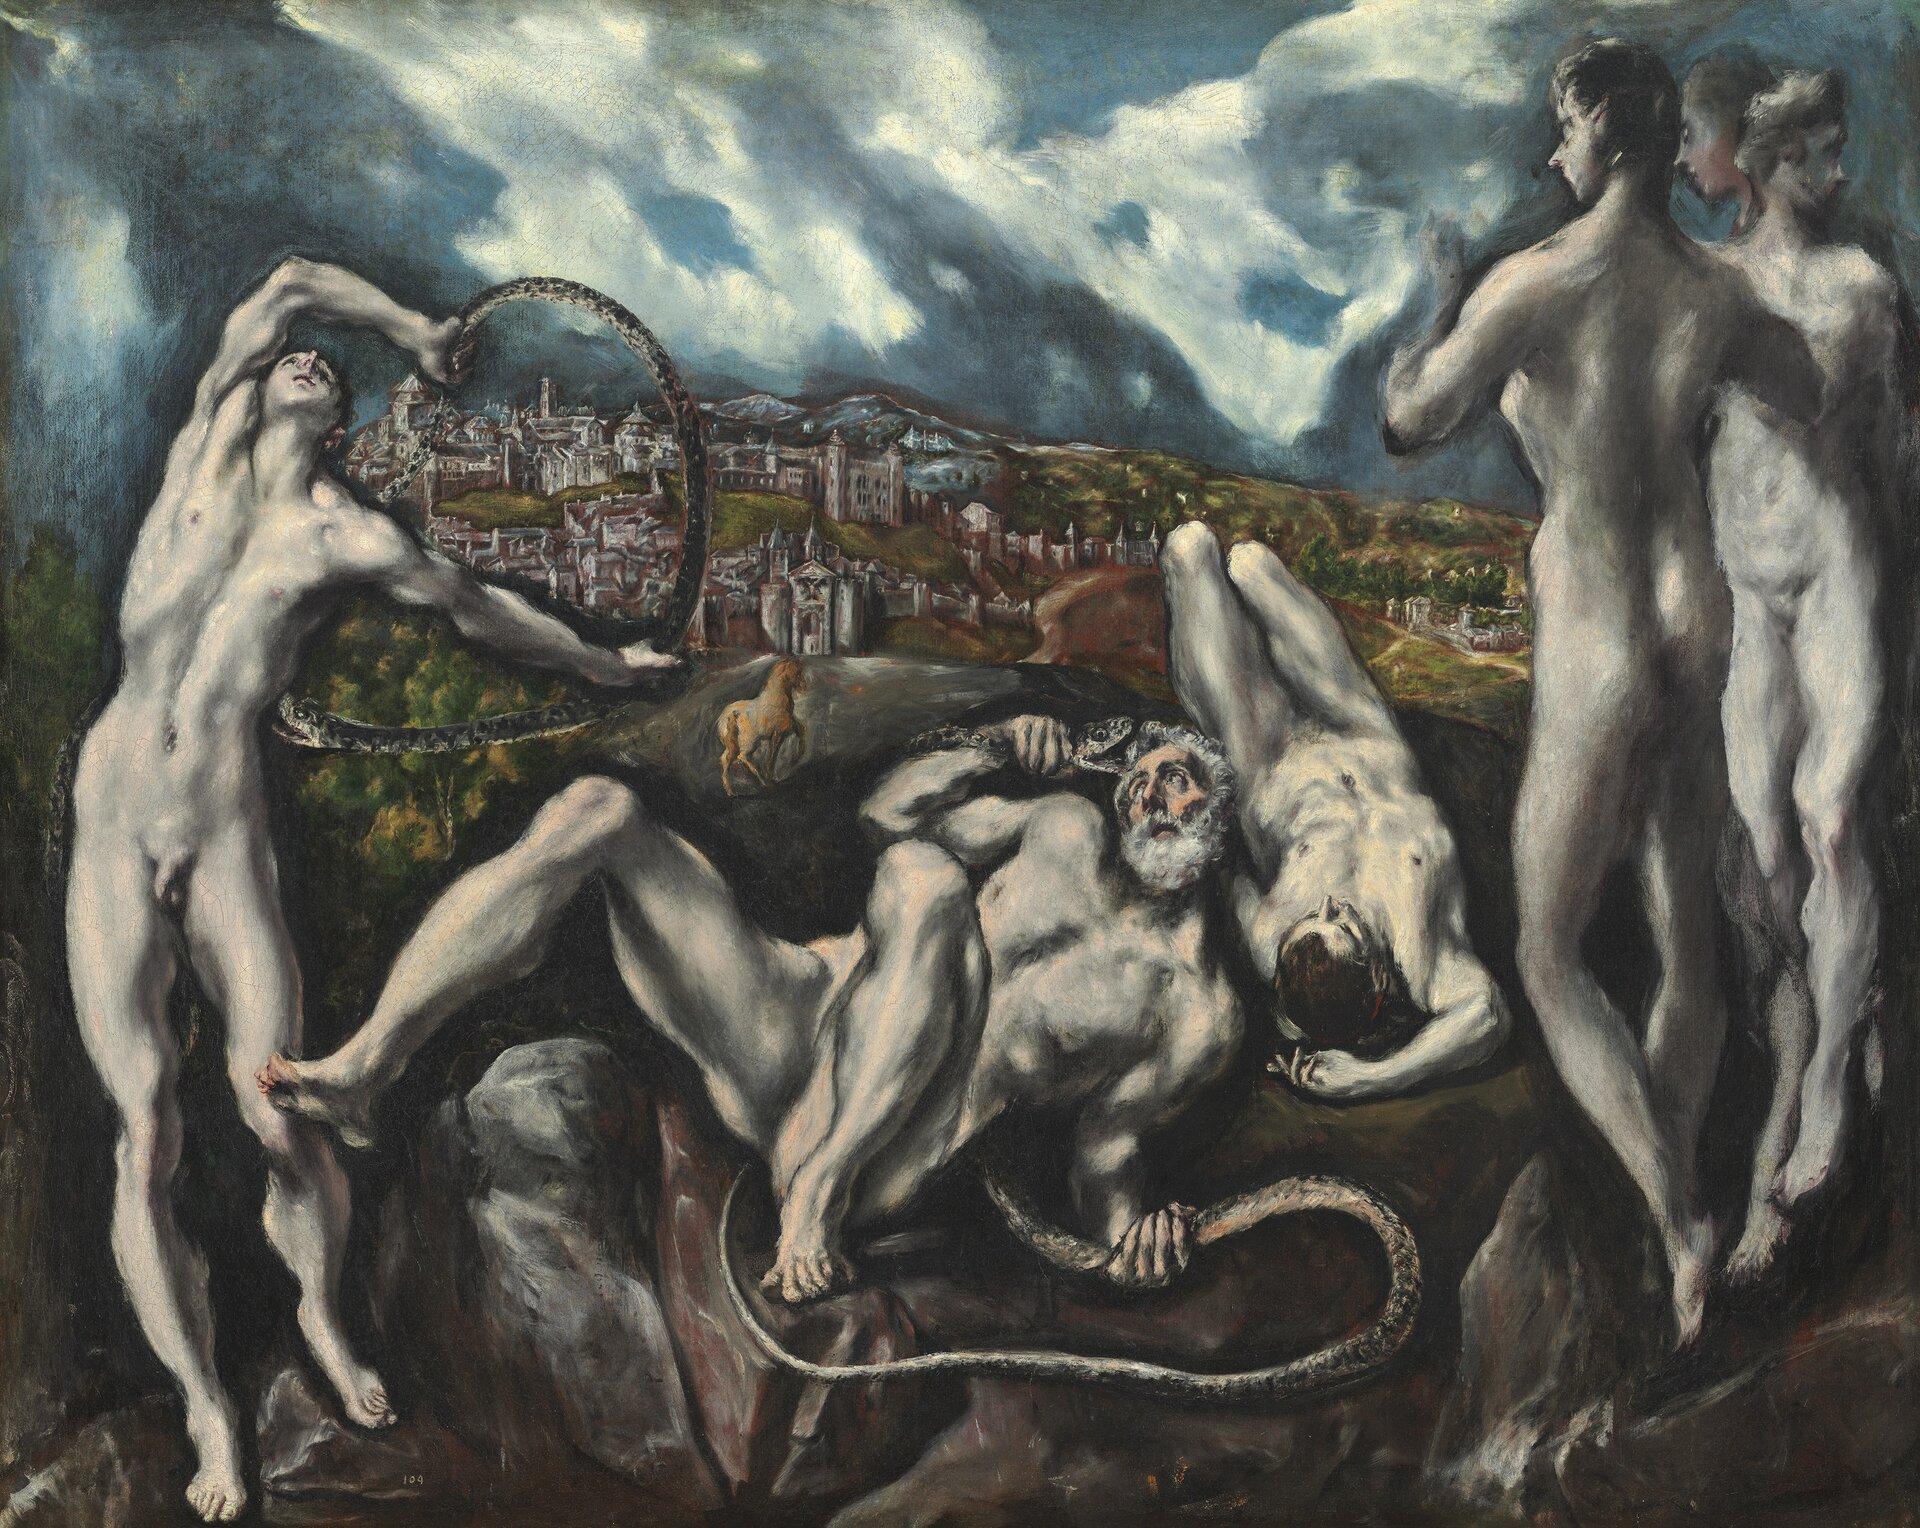 Laokoon Źródło: El Greco, Laokoon, ok. 1610, National Gallery of Art, domena publiczna.